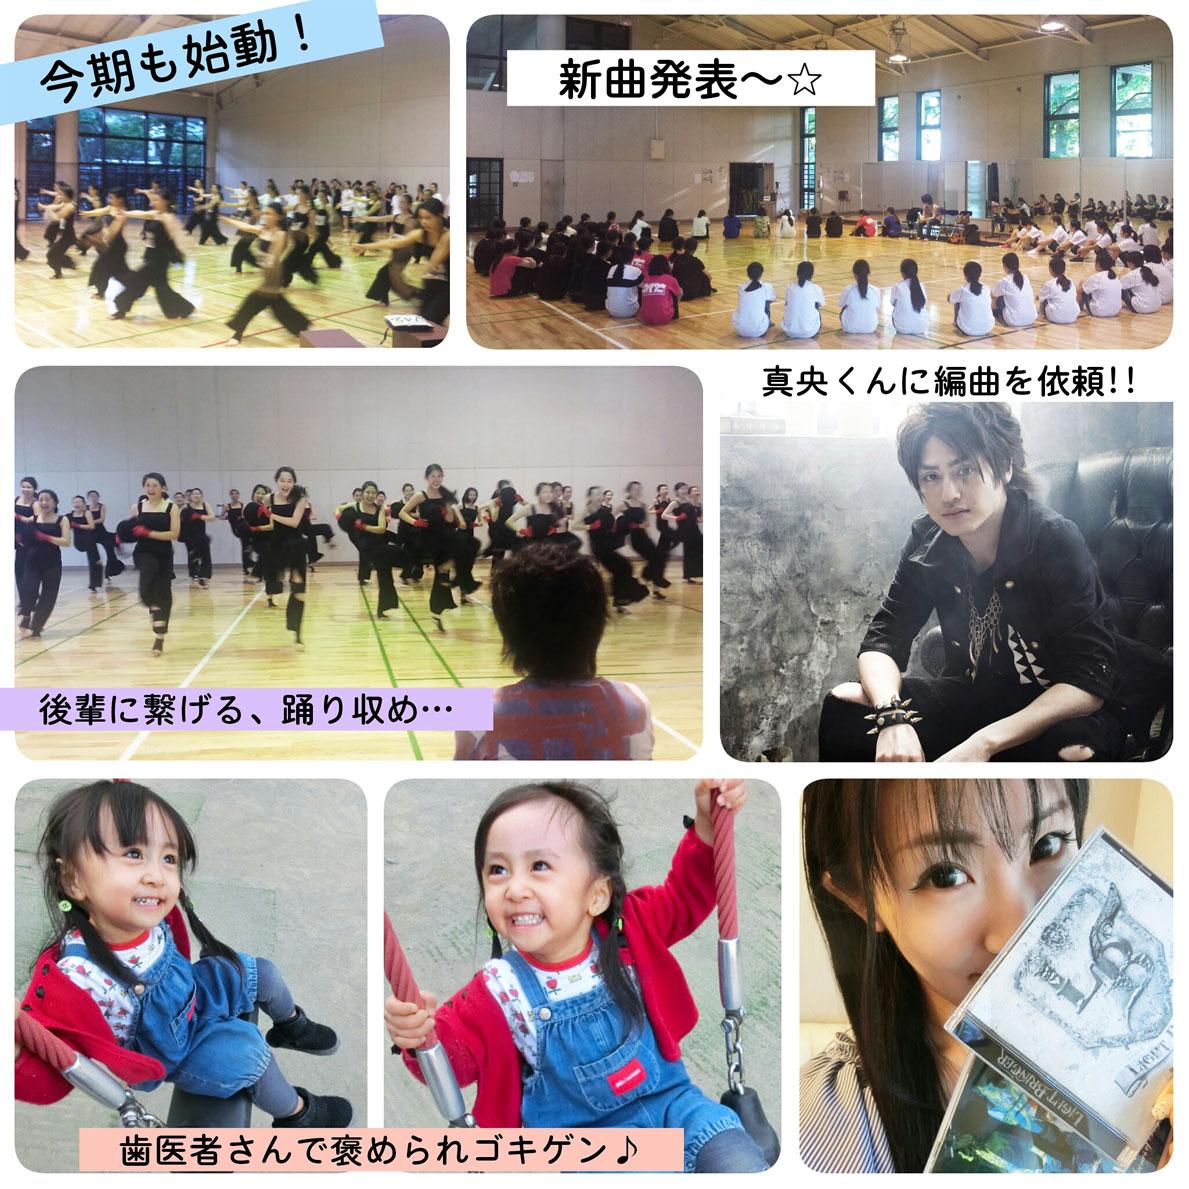 新学期、始動!! 編曲を依頼☆_d0224894_1120422.jpg